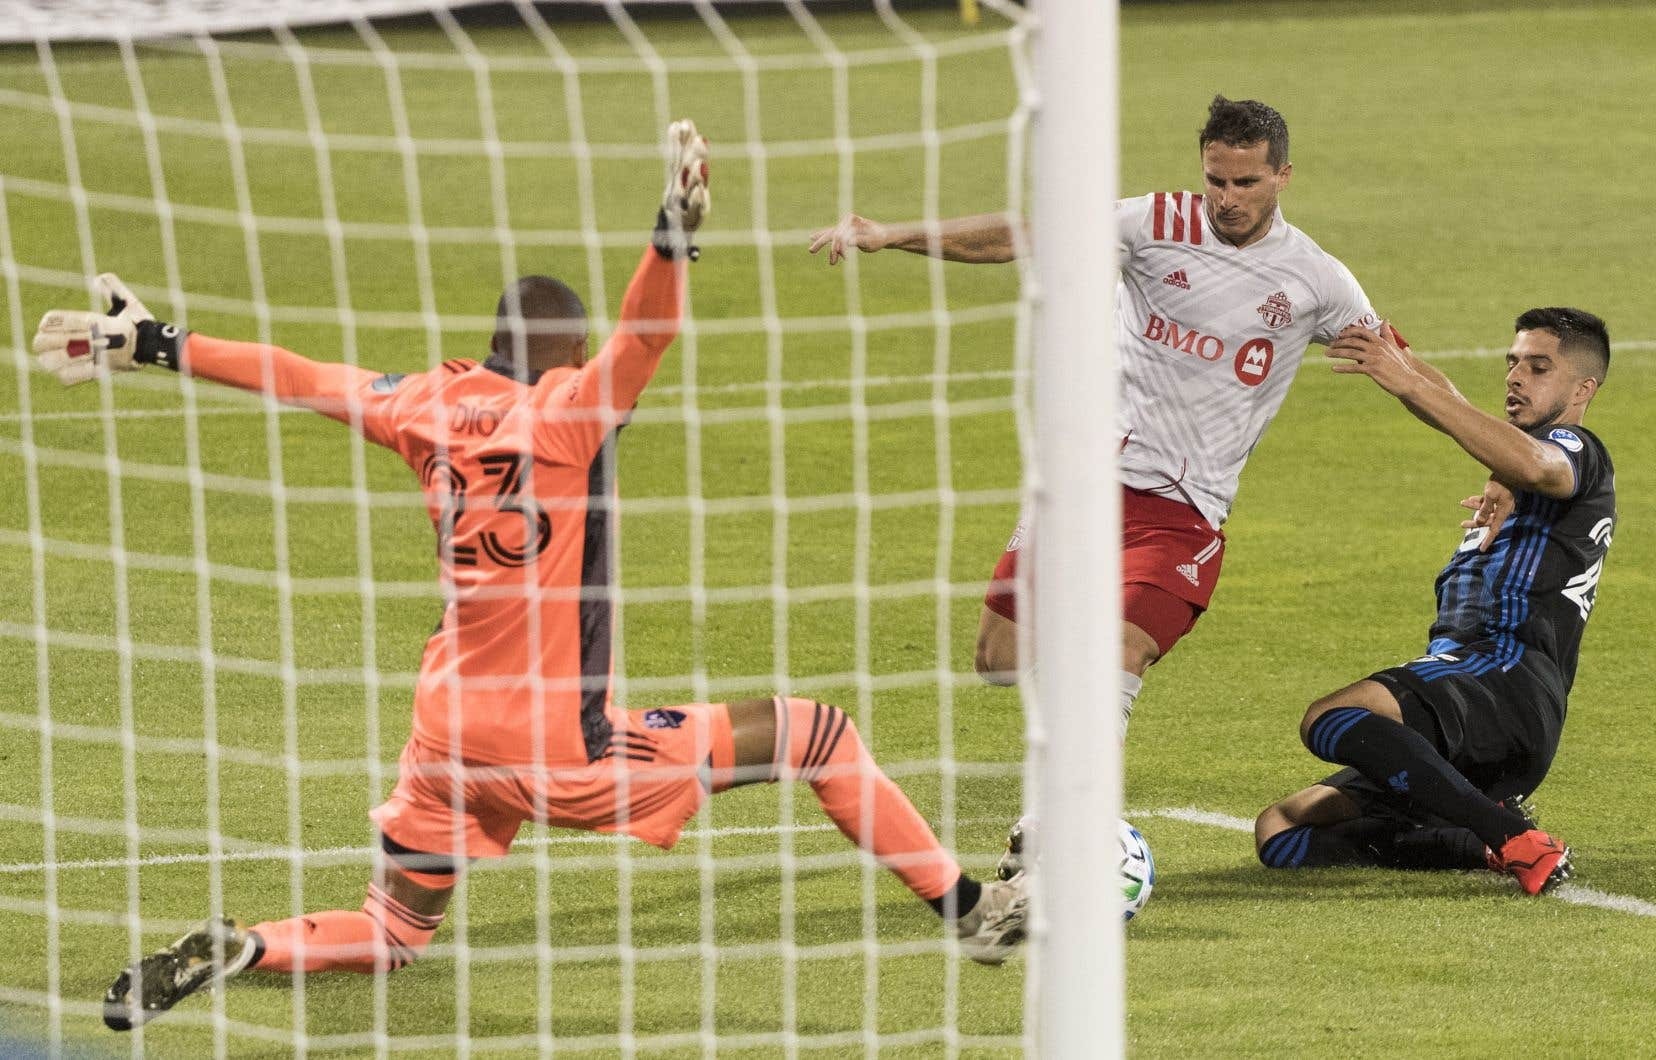 Les Montréalais Diop et Maciel ont affronté trois fois de suite le TFC récemment.